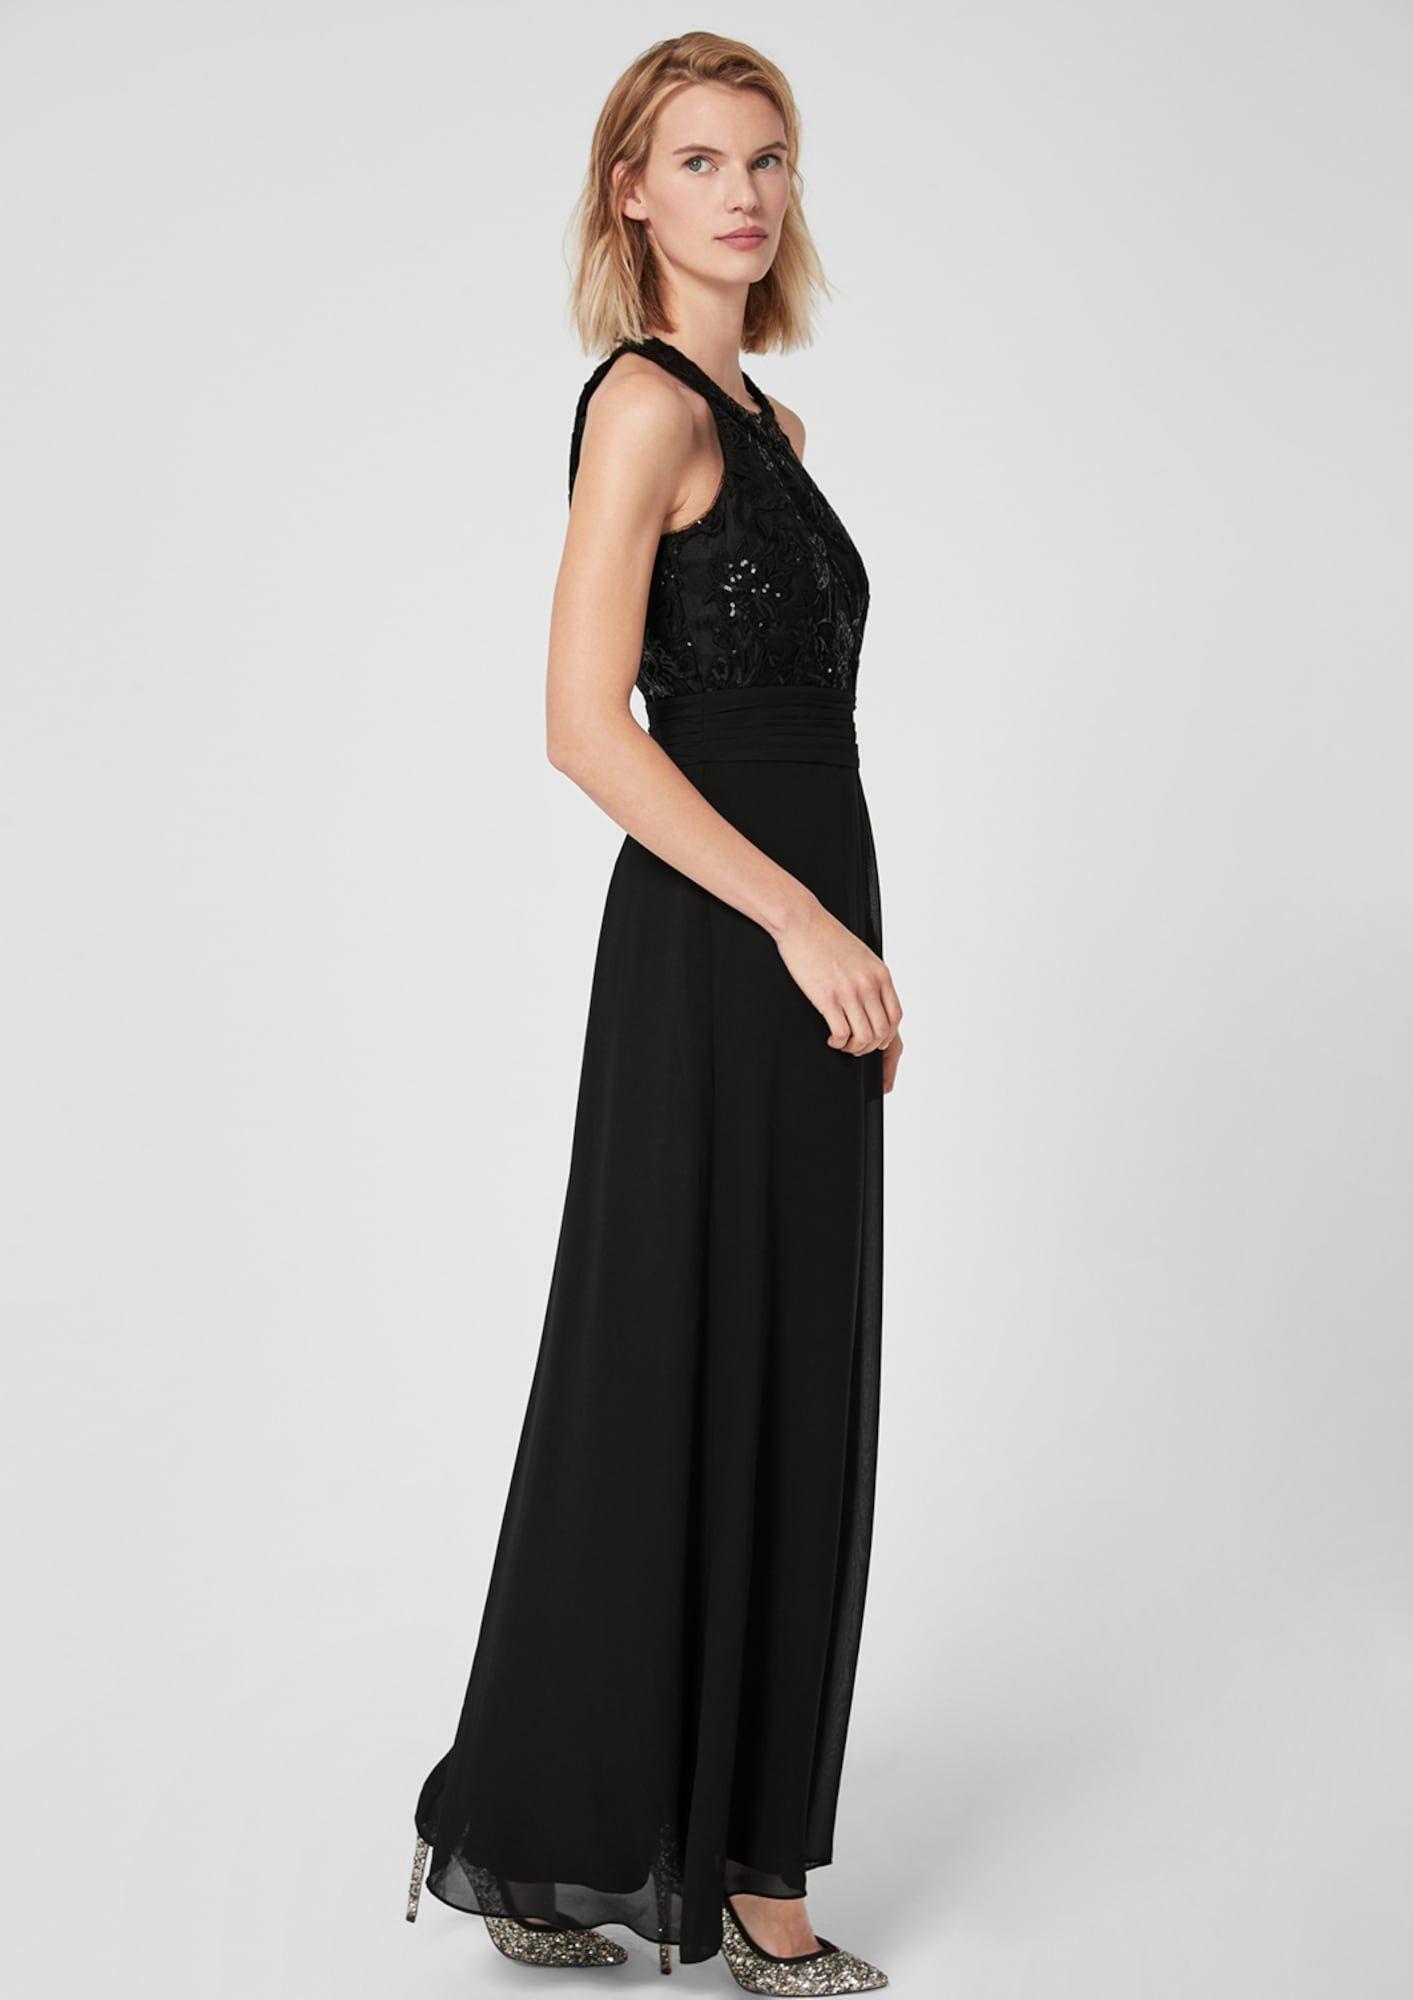 15 Ausgezeichnet S Oliver Abendkleider Spezialgebiet20 Luxus S Oliver Abendkleider Vertrieb